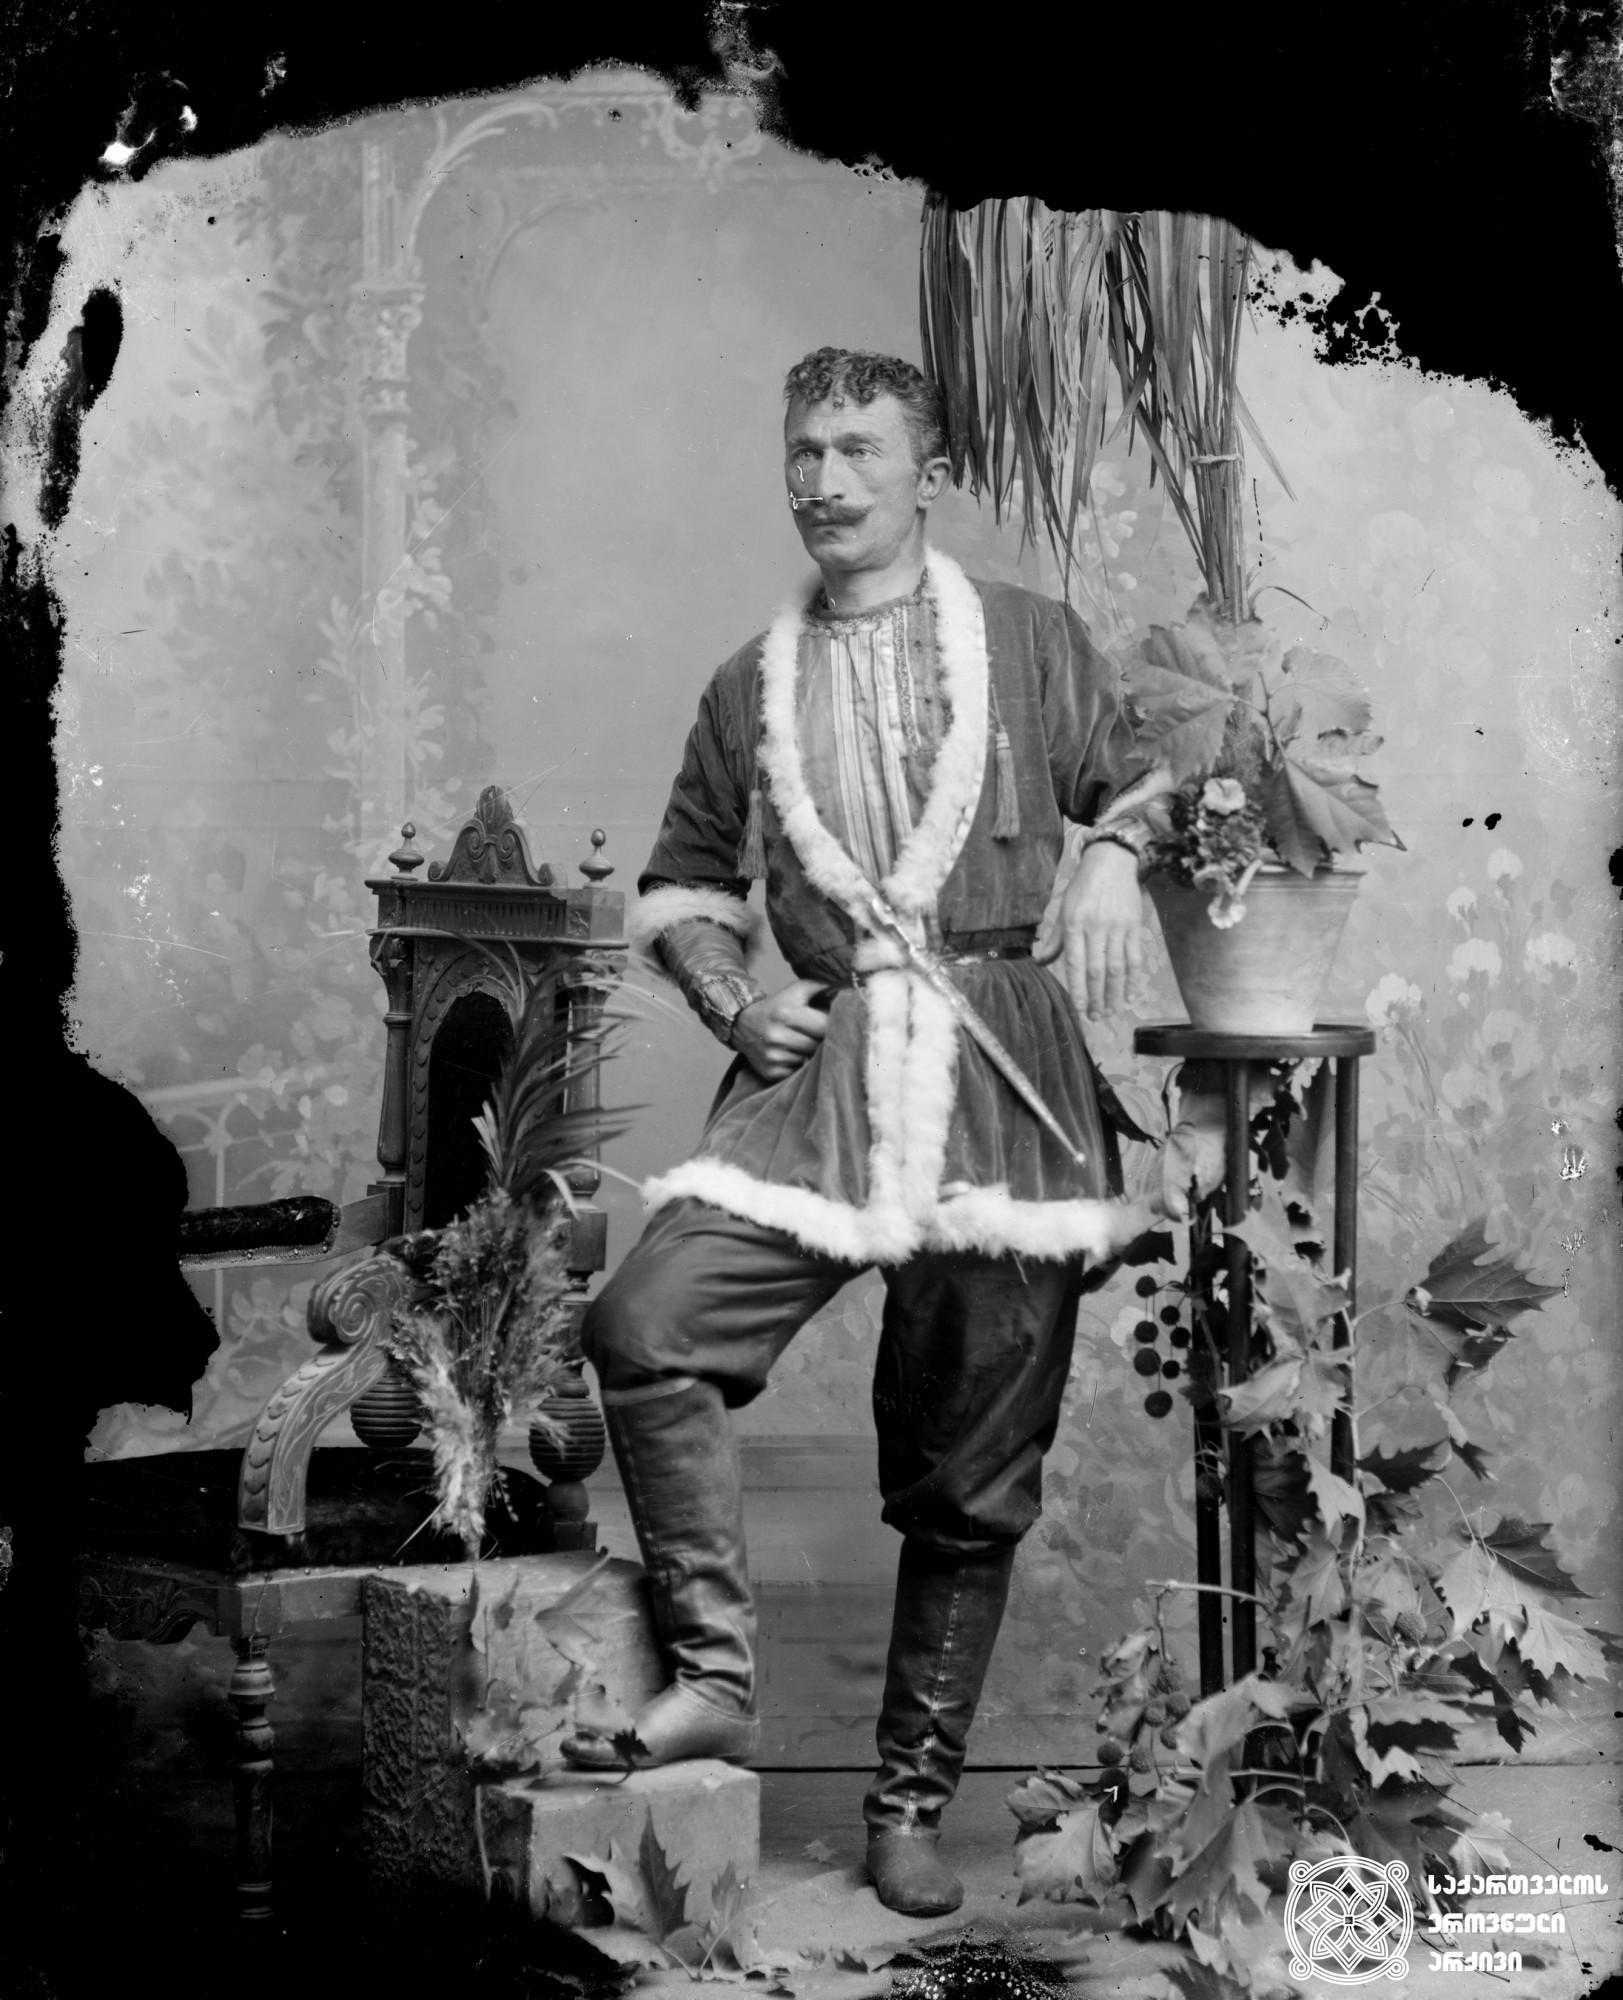 მსახიობი გრიგოლ ჩარკვიანი (1870-1933). <br> მინის ნეგატივი 12X16. <br>  Actor Grigol Charkviani (1870-1933). <br> Glass negative 12X16. <br>